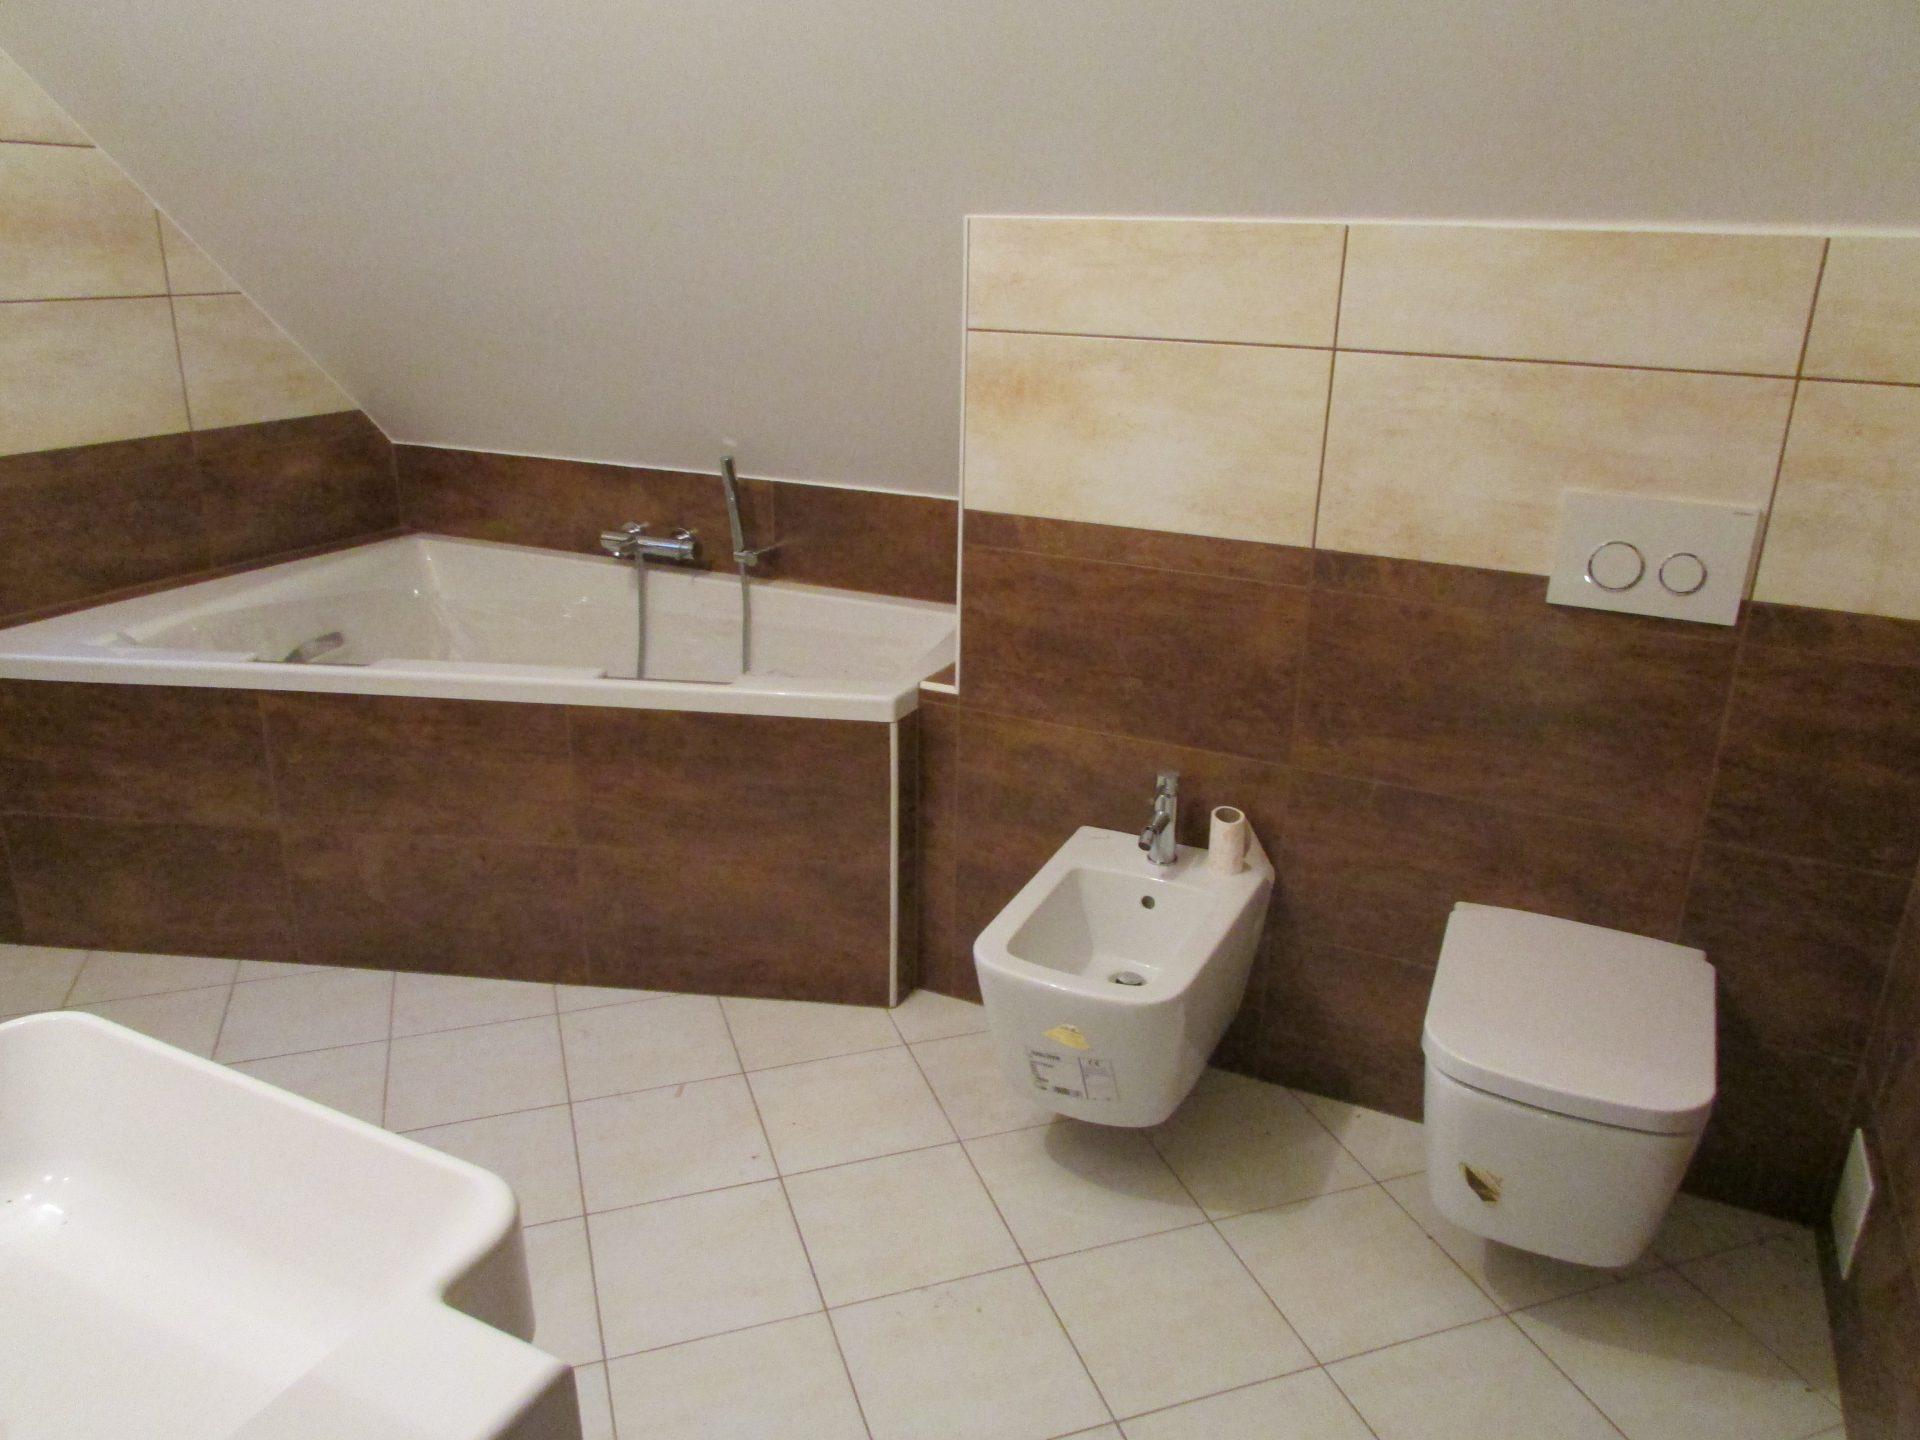 Polaganje ploščic v kopalnici 19